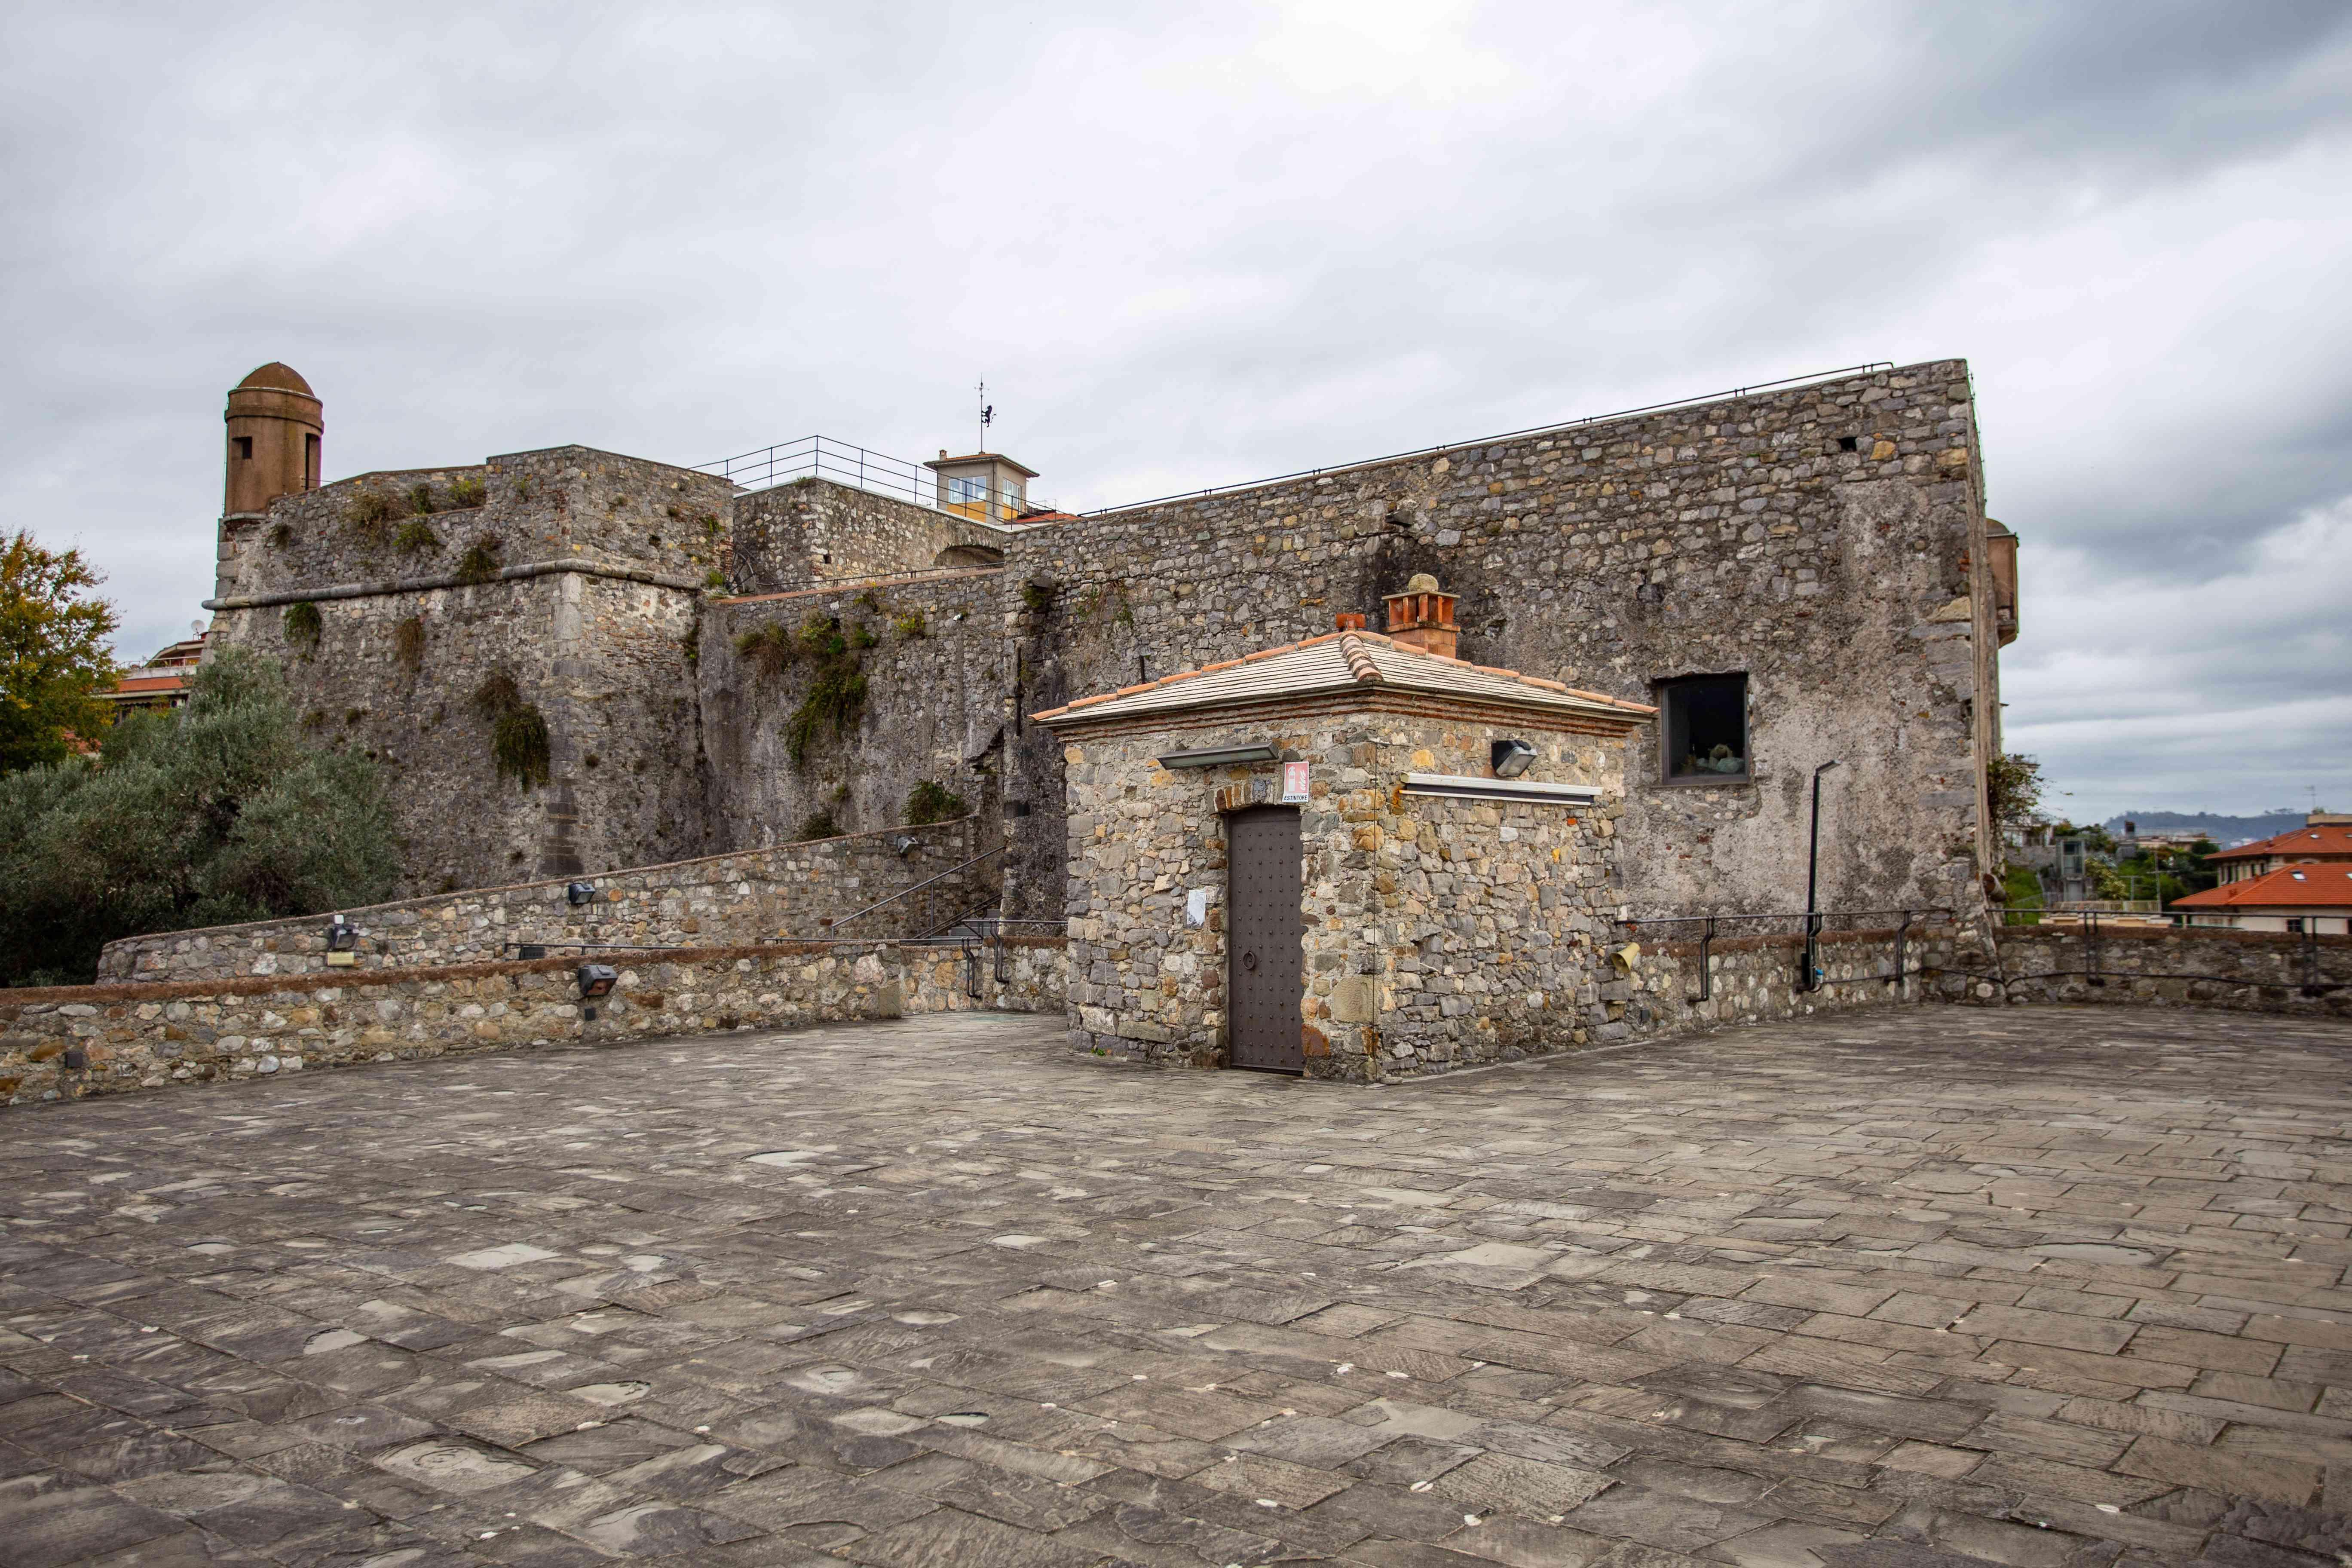 Castello di San Giorgio, La Spezia, Italy